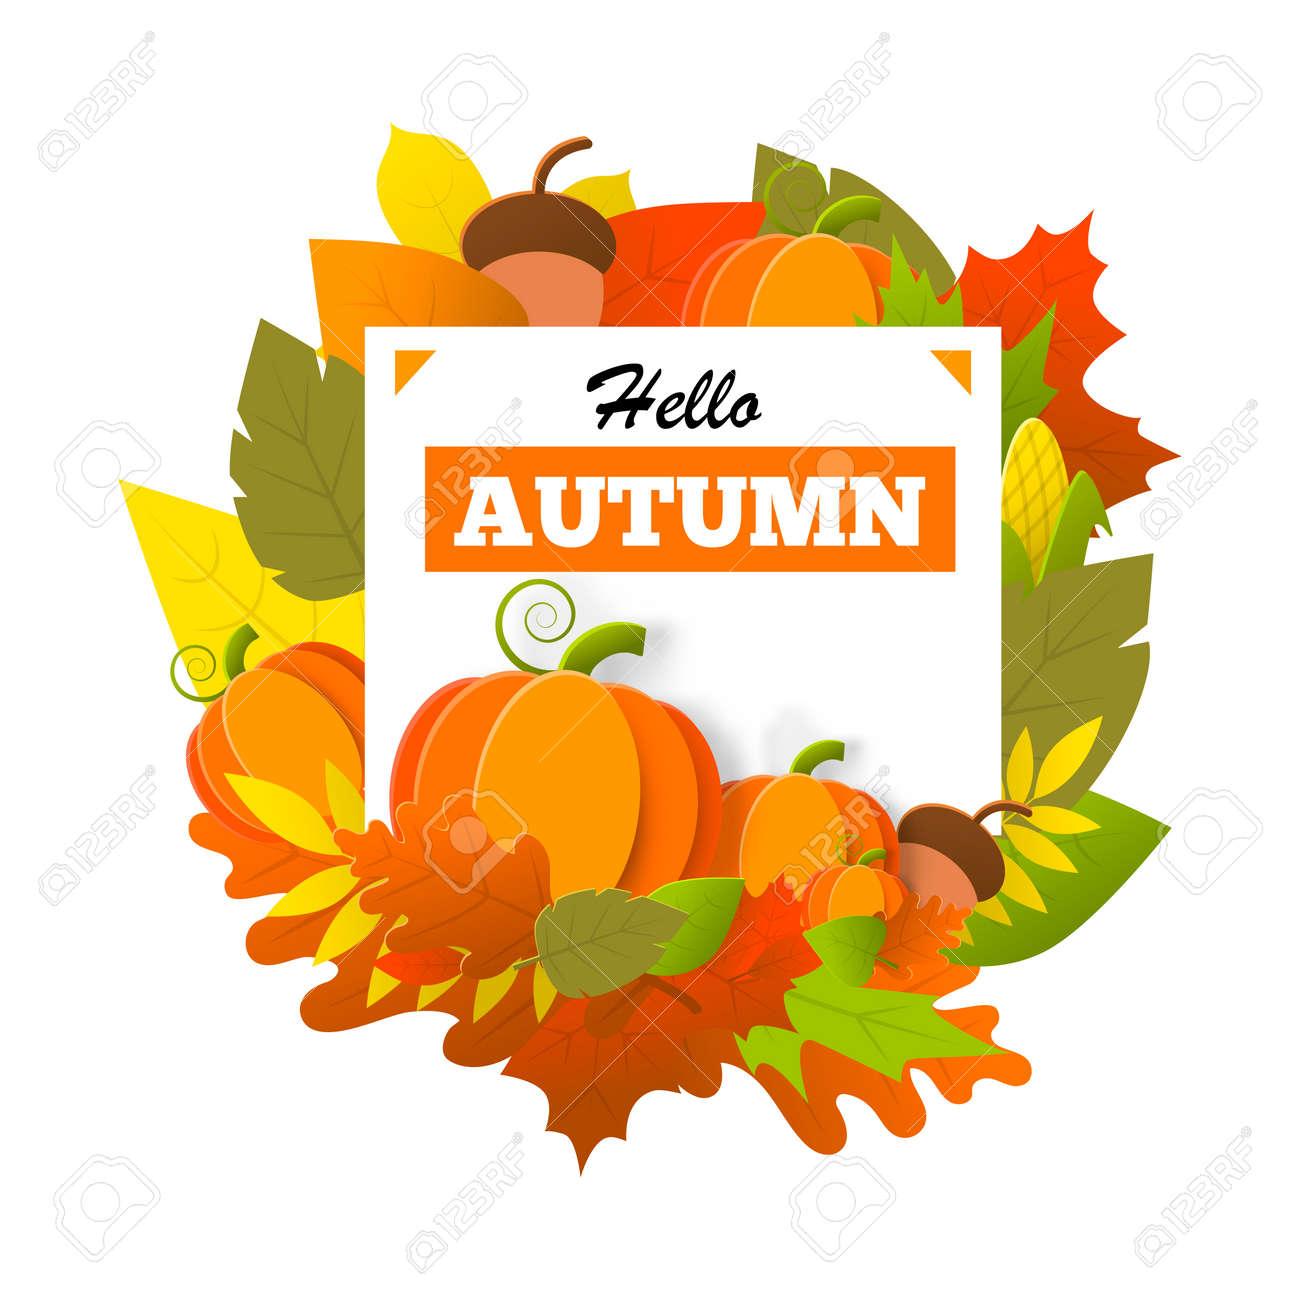 Hello autumn banner isolated - 141218251